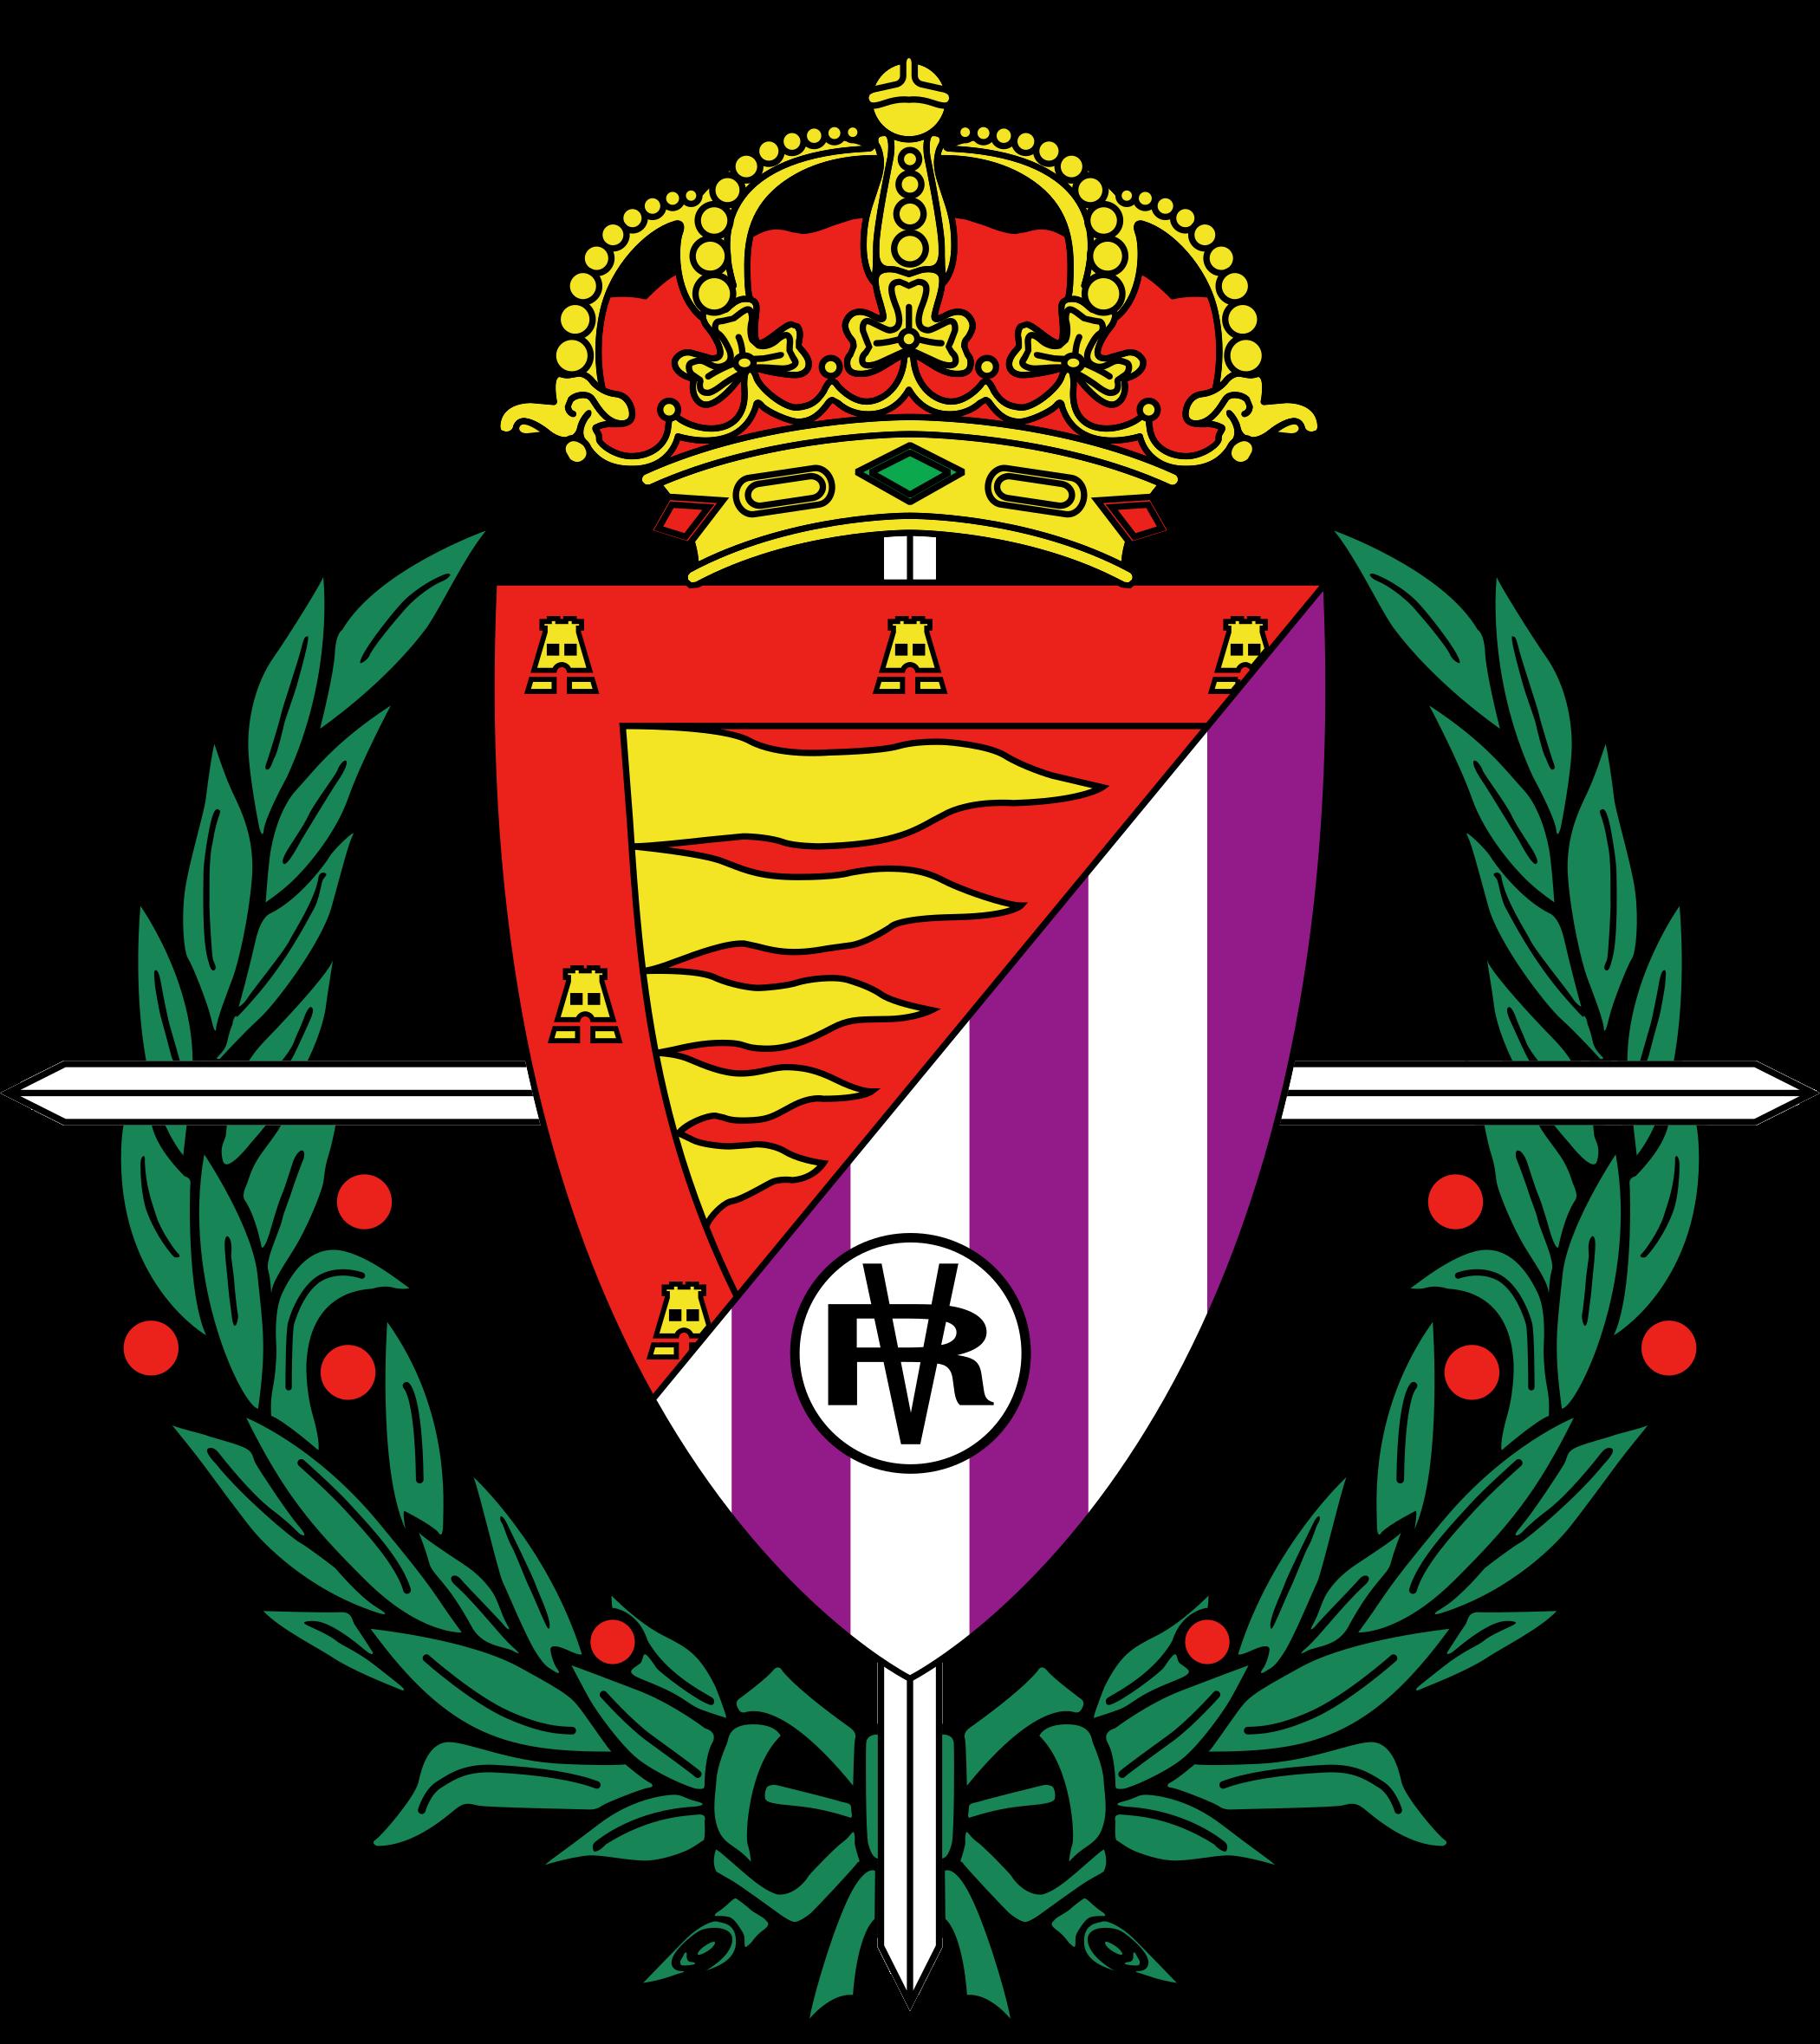 real valladolid logo escudo 1 - Real Valladolid Logo - Real Valladolid Club de Fútbol Escud